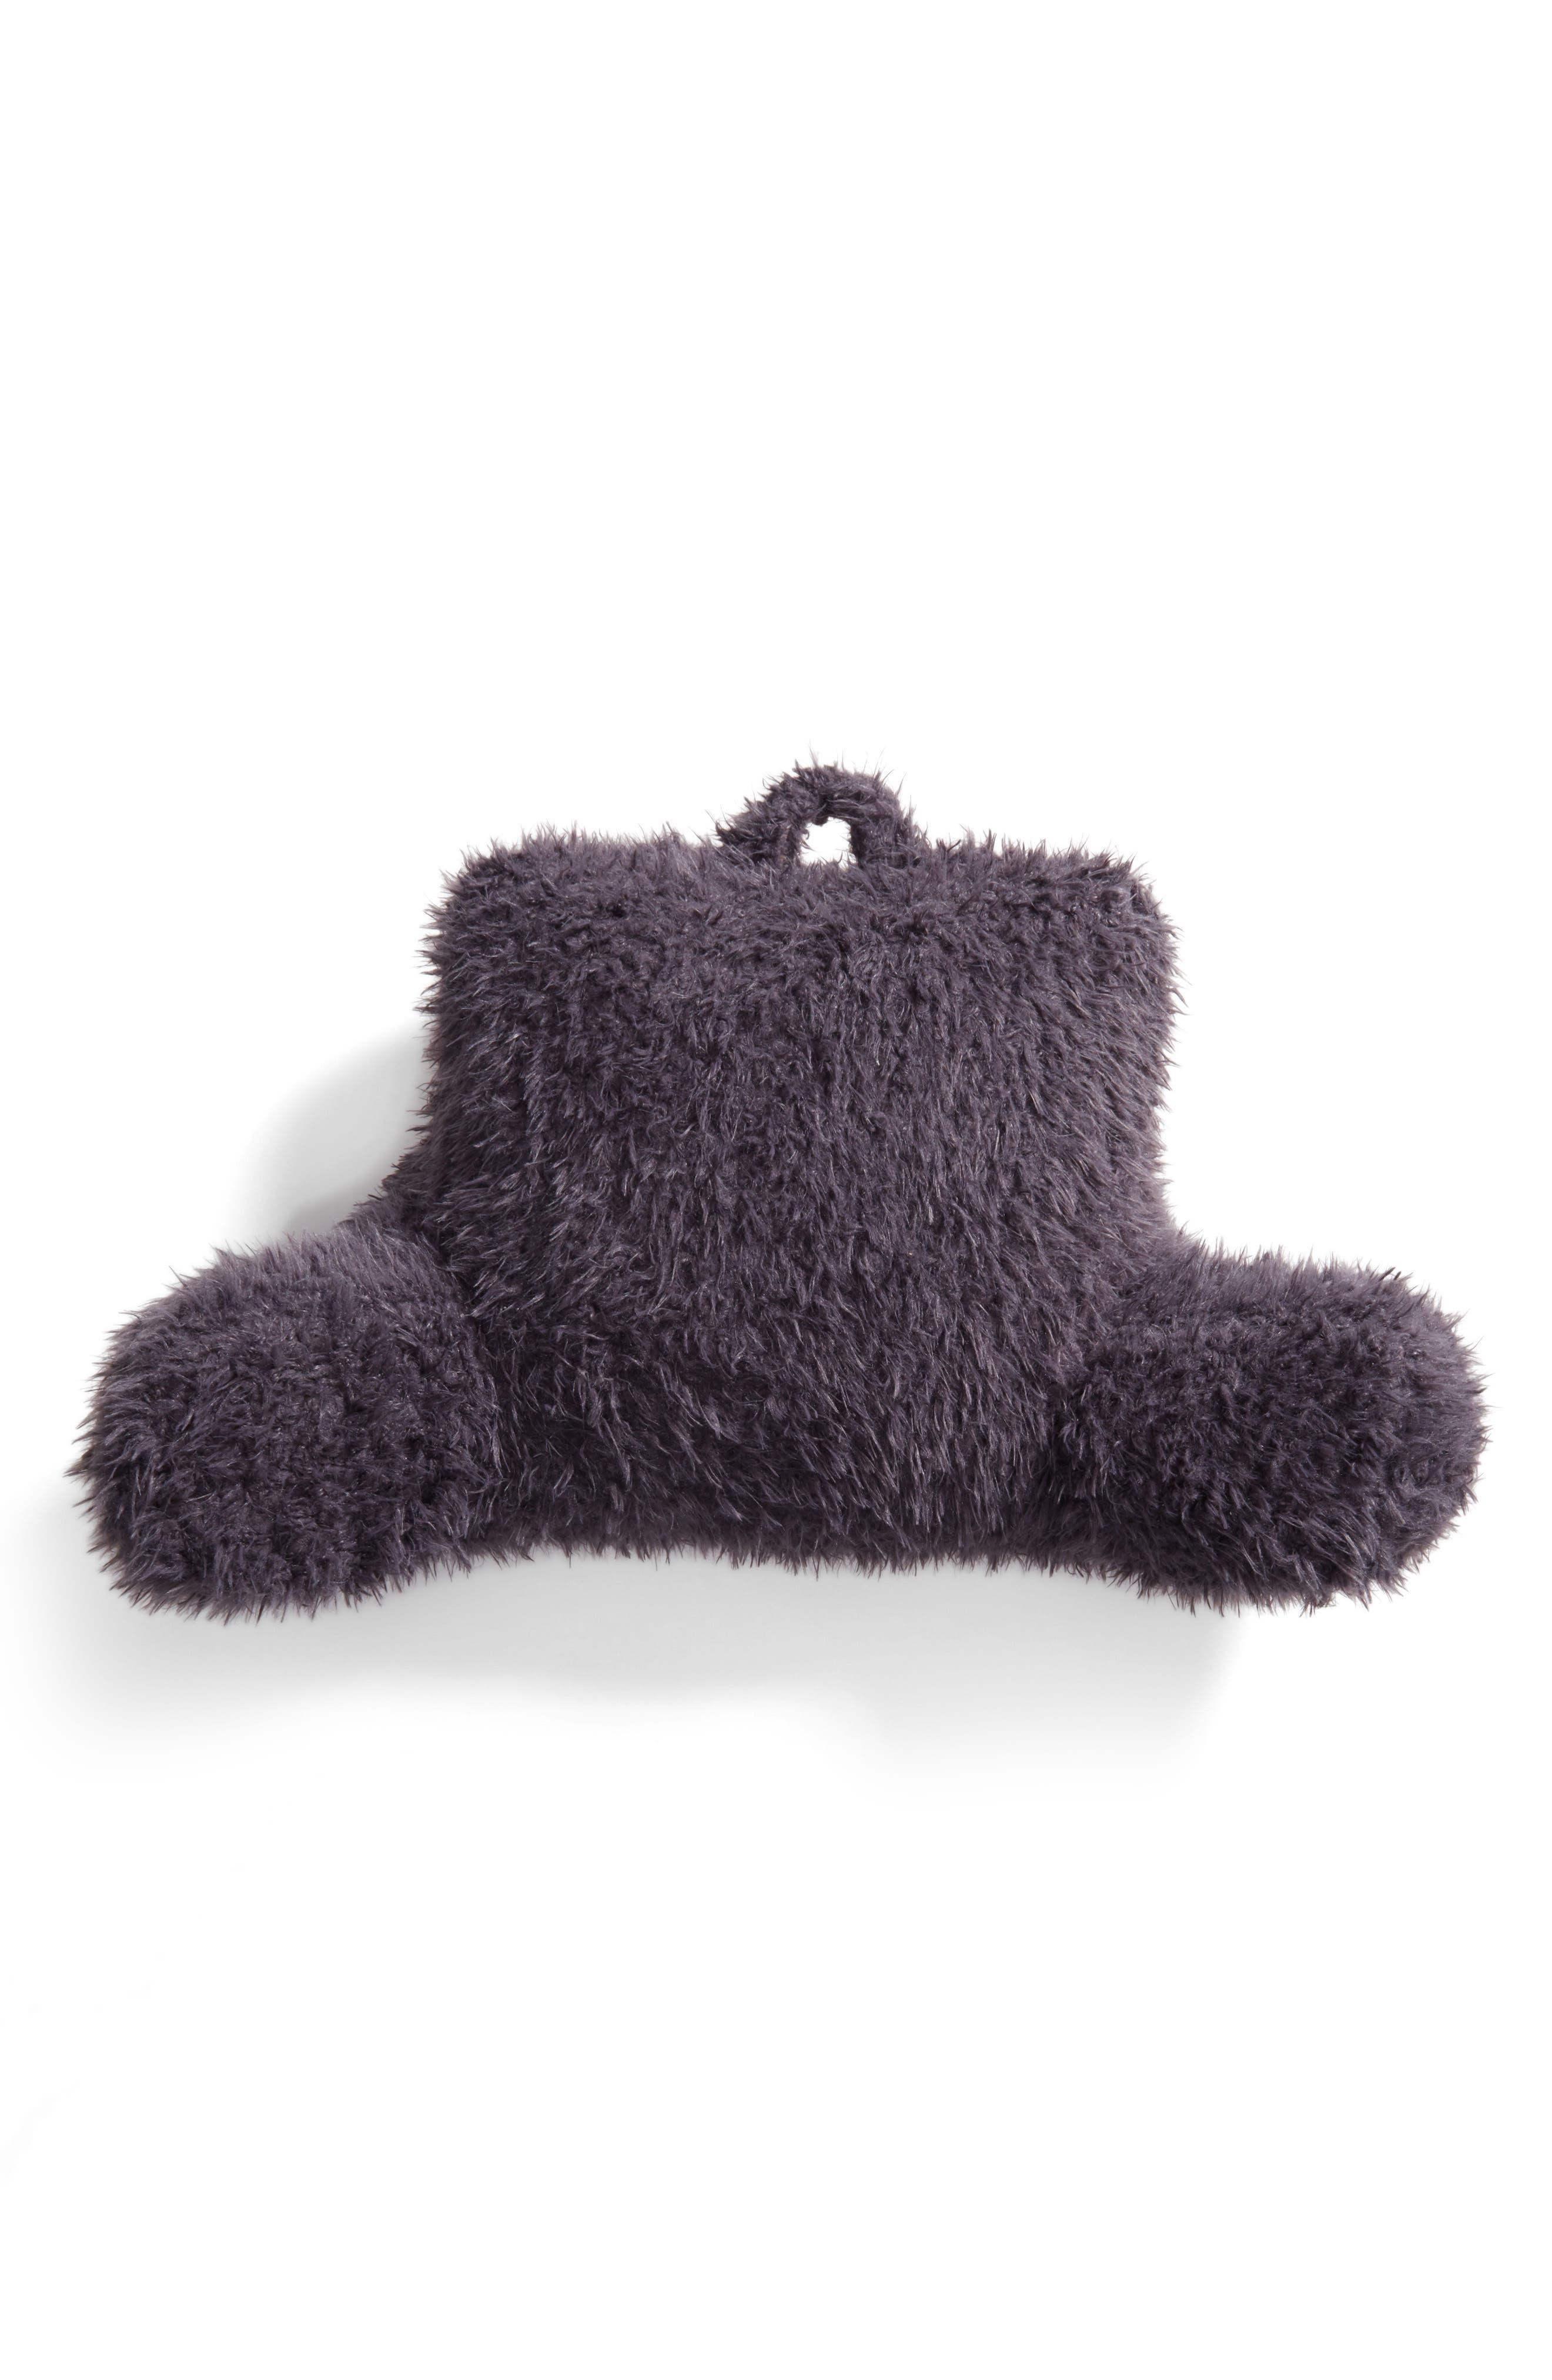 Shaggy Faux Fur Backrest Pillow,                         Main,                         color, Grey Excalibur